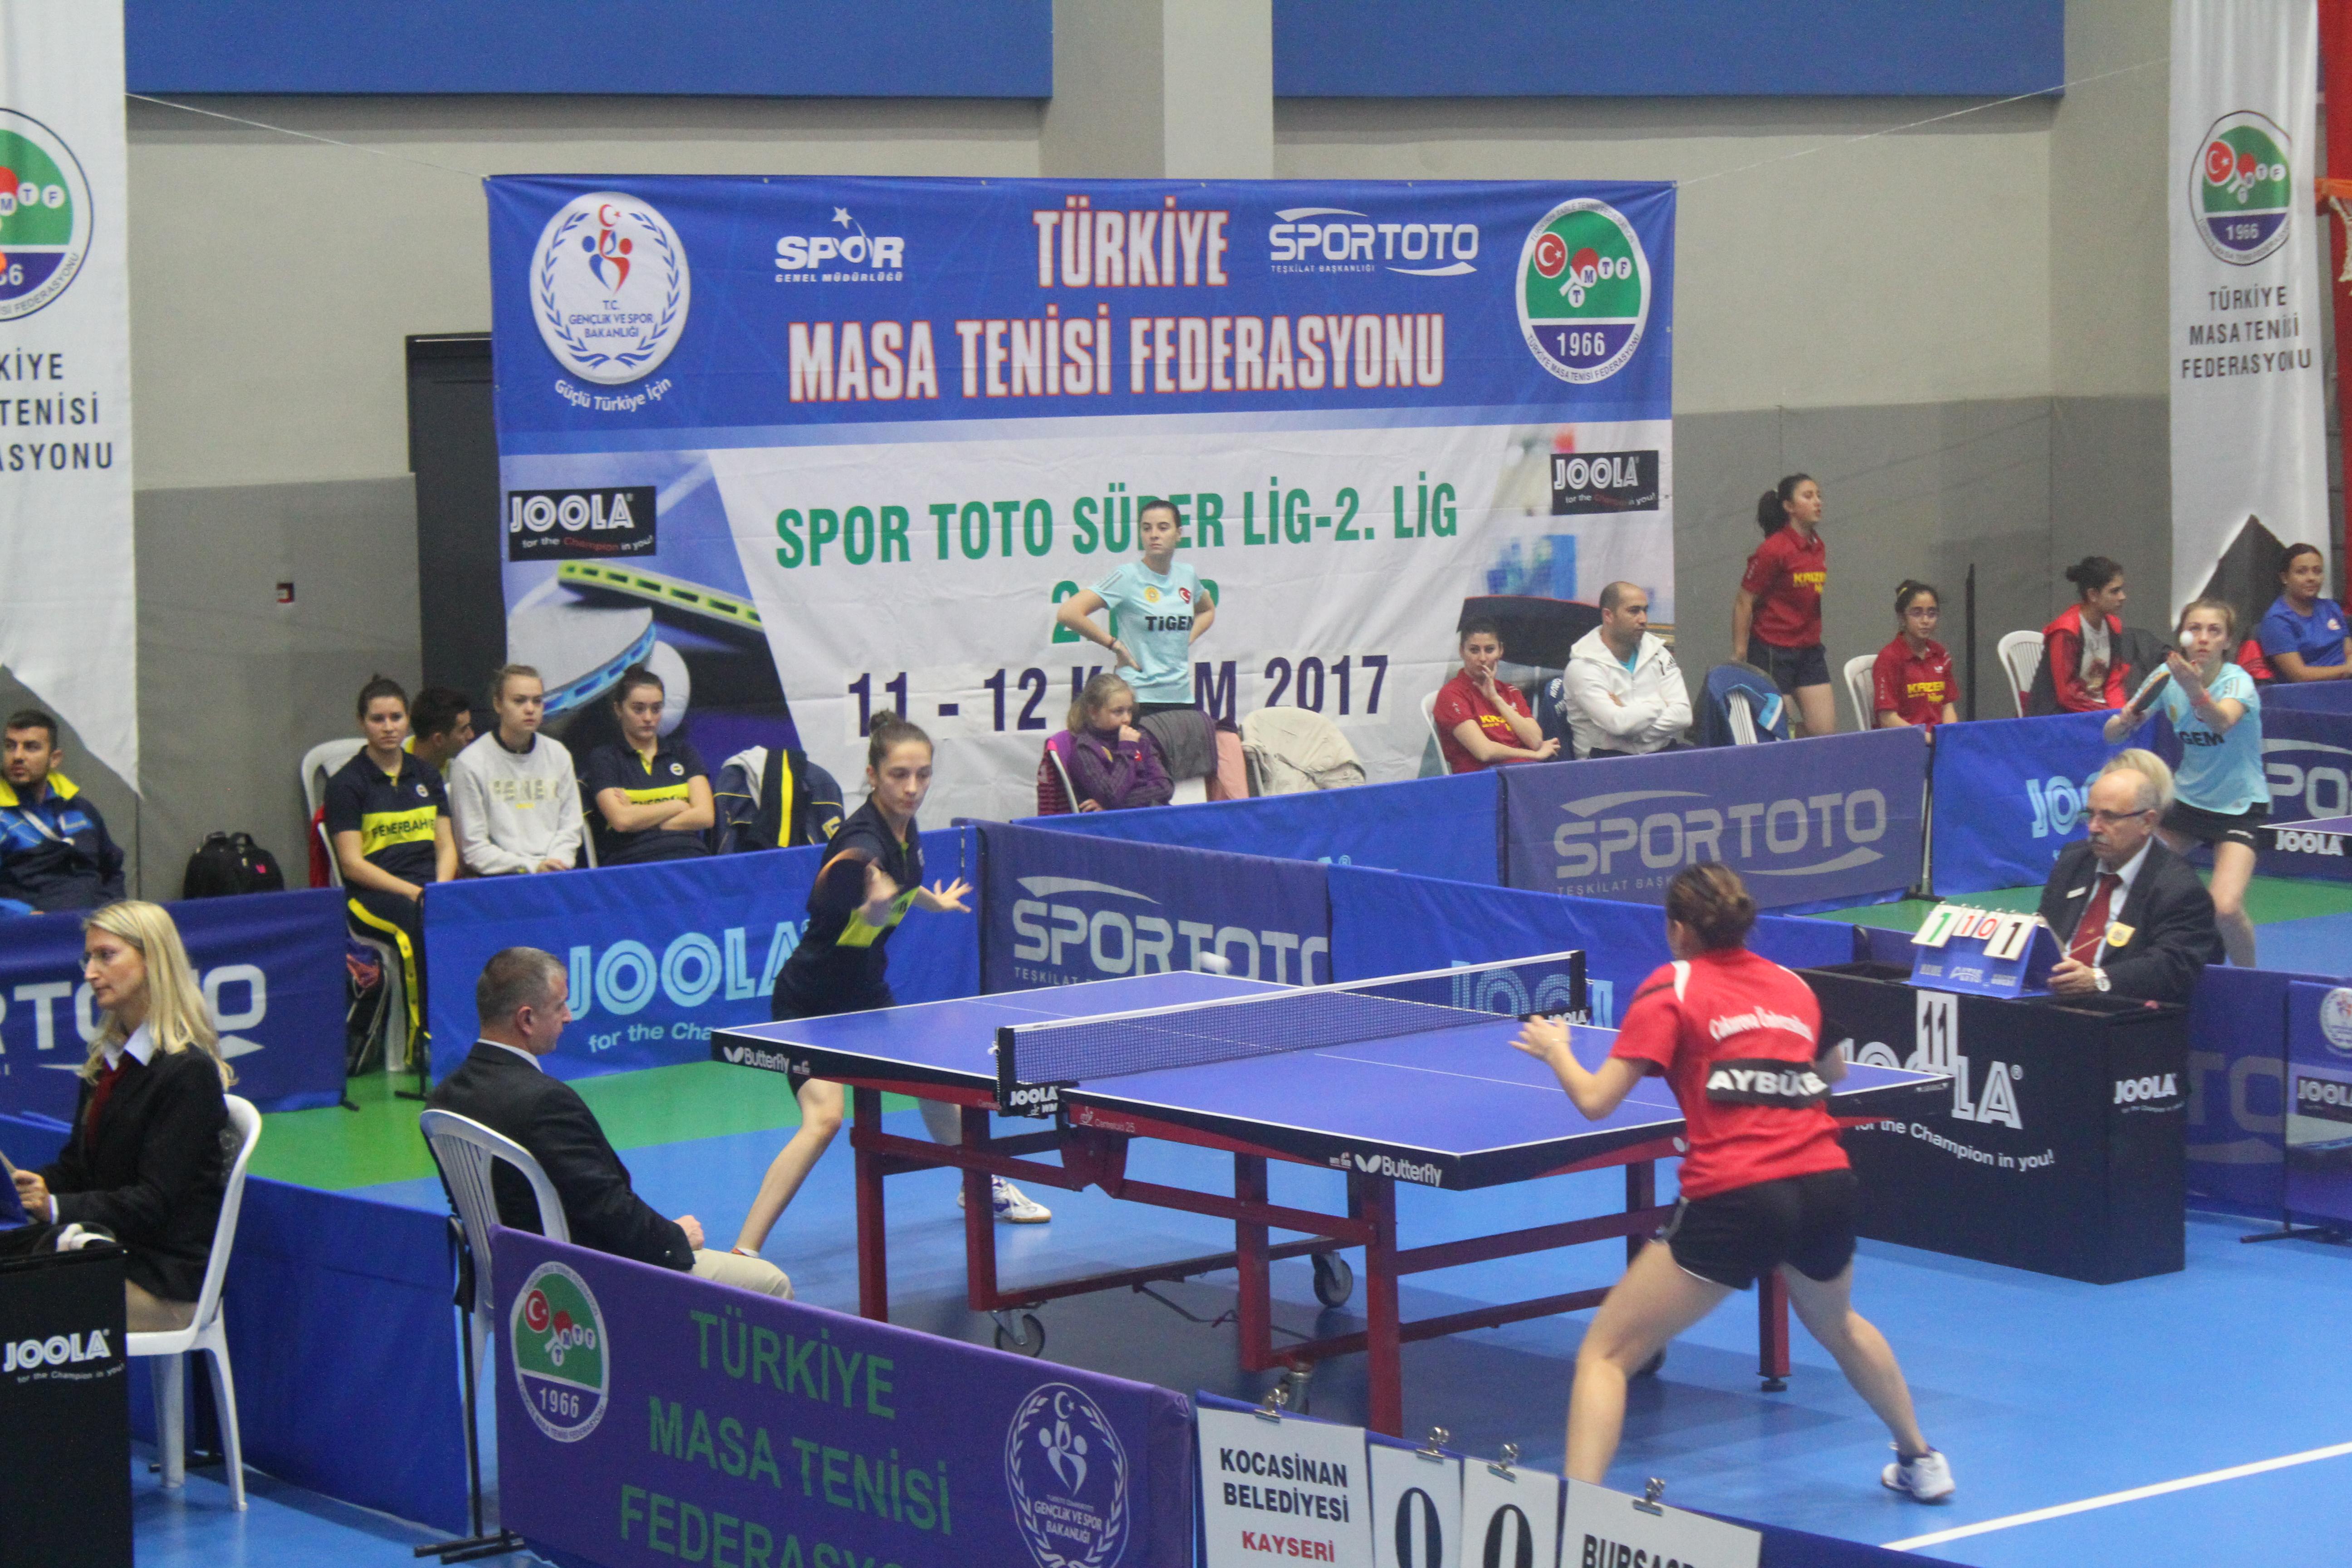 Masa Tenisi heyecanı İstanbul'da yaşandı